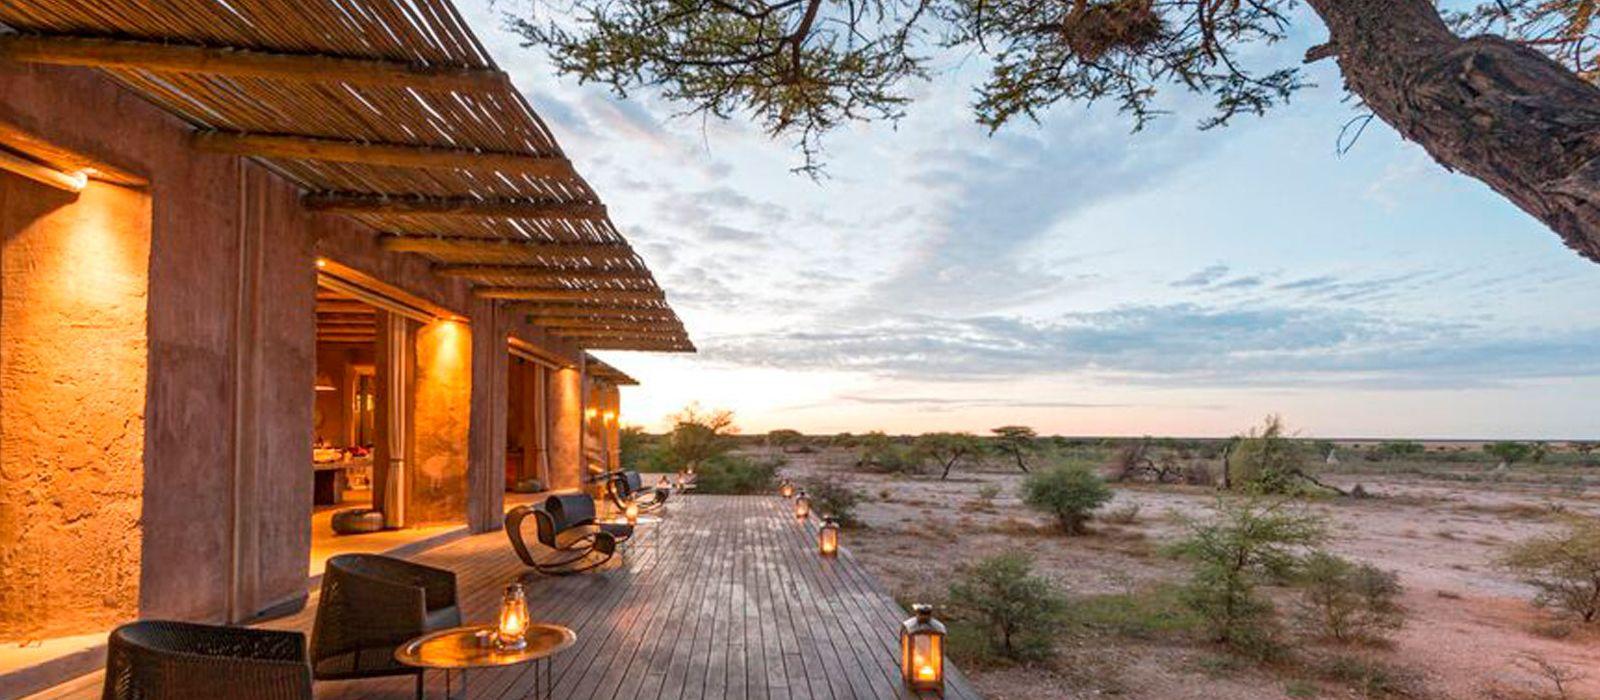 Hotel Onguma Plains Camp (The Fort) Namibia